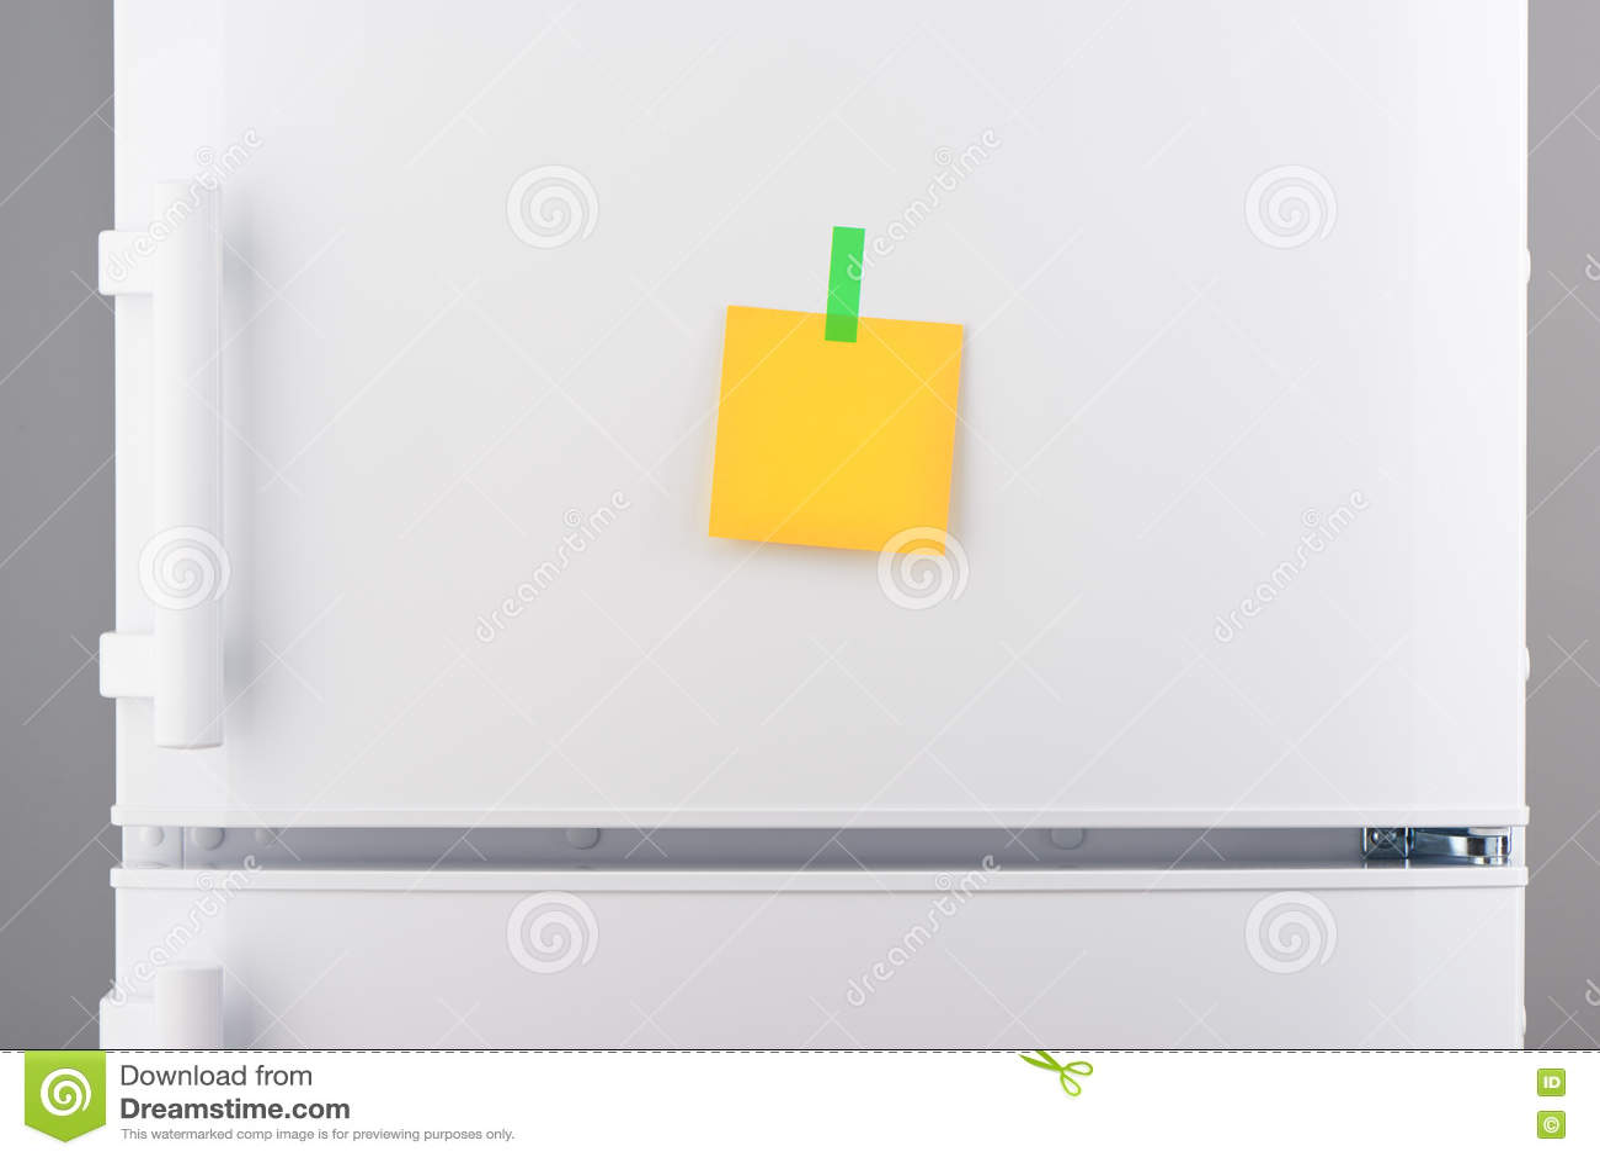 Kühlschrank Aufkleber : Leere gelbe papieranmerkung und grüner aufkleber auf weißem